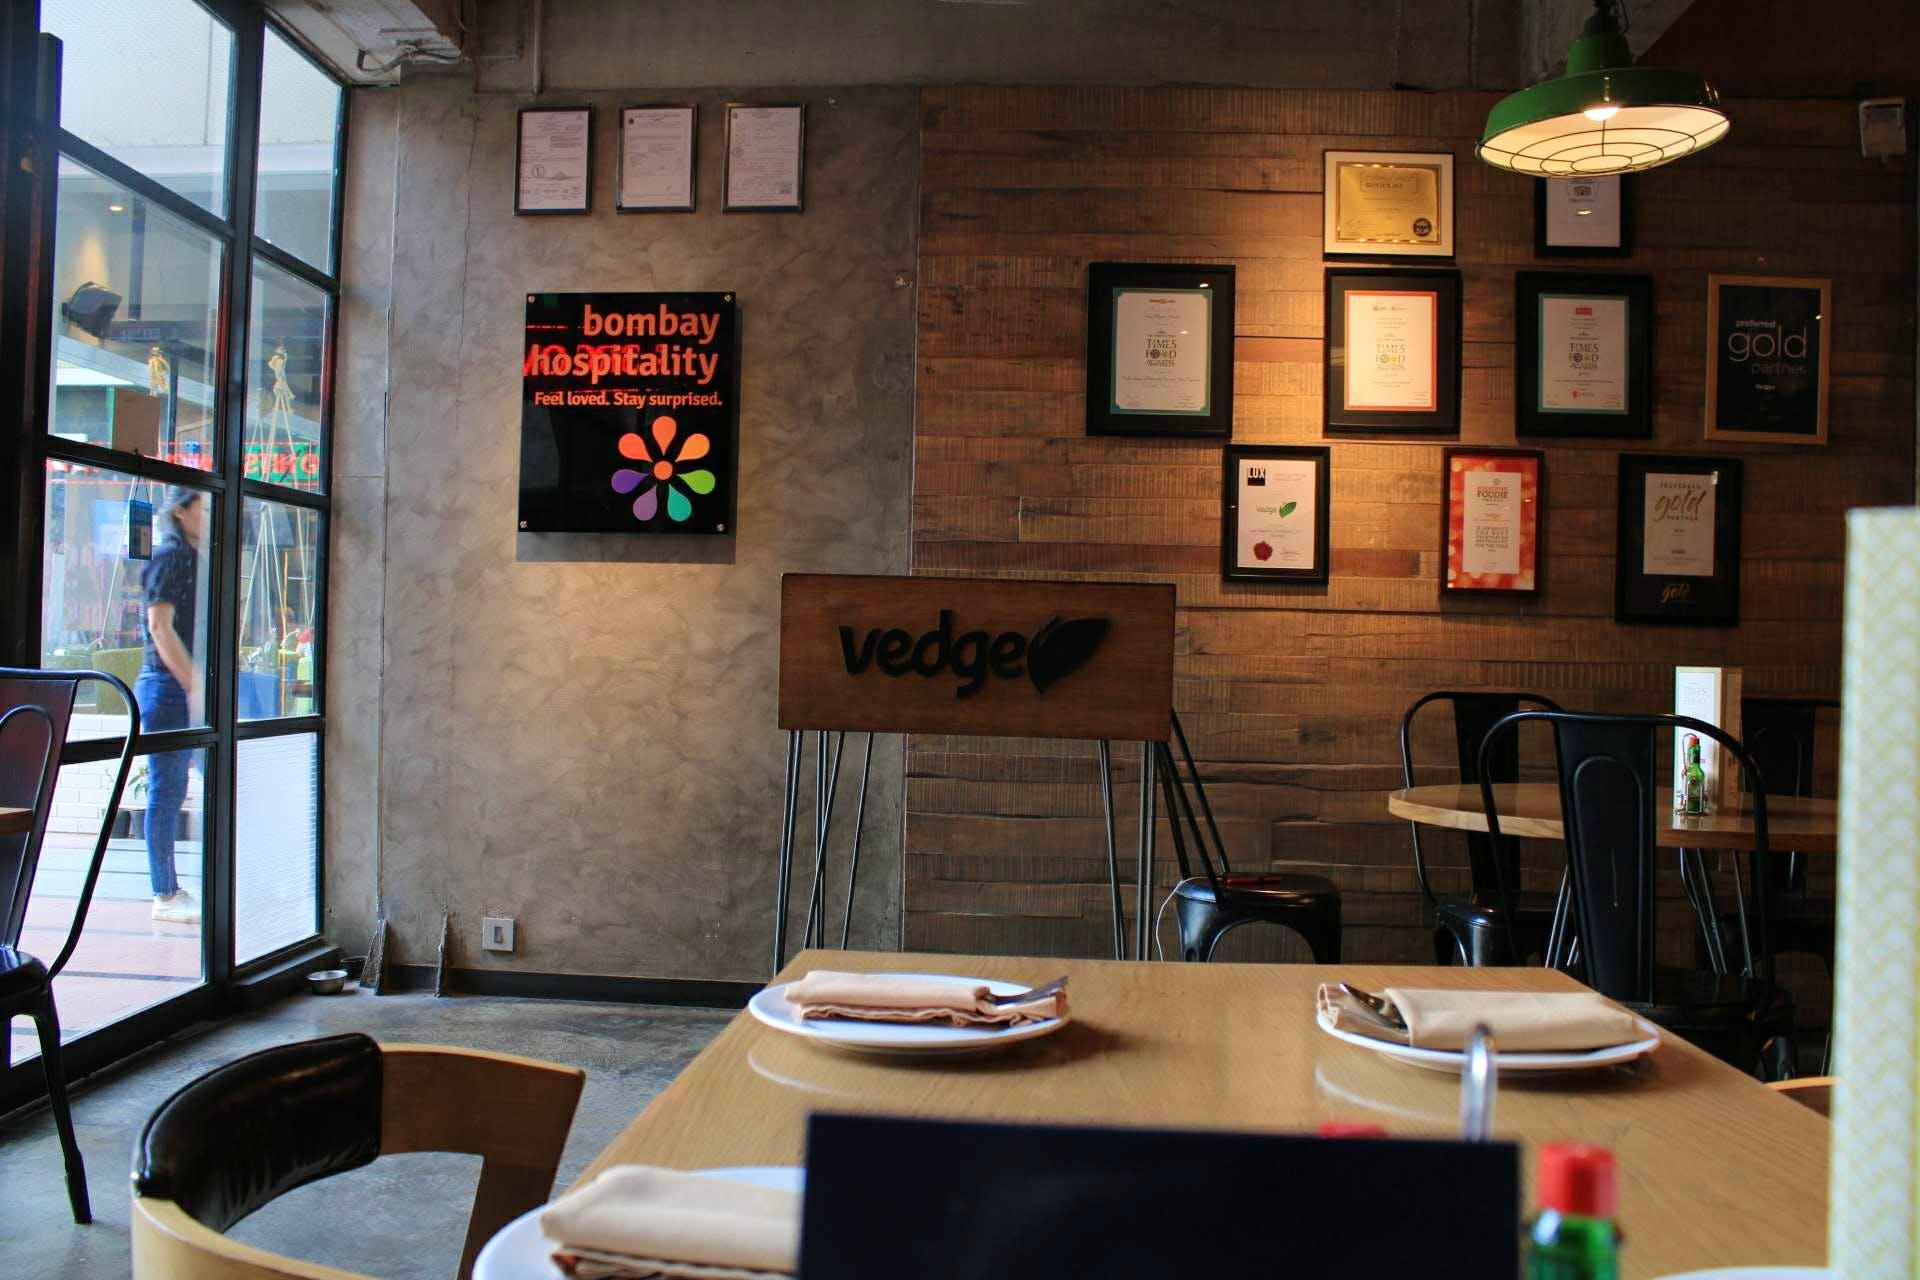 Vedge - One Of The Best Vegetarian Restaurant | LBB